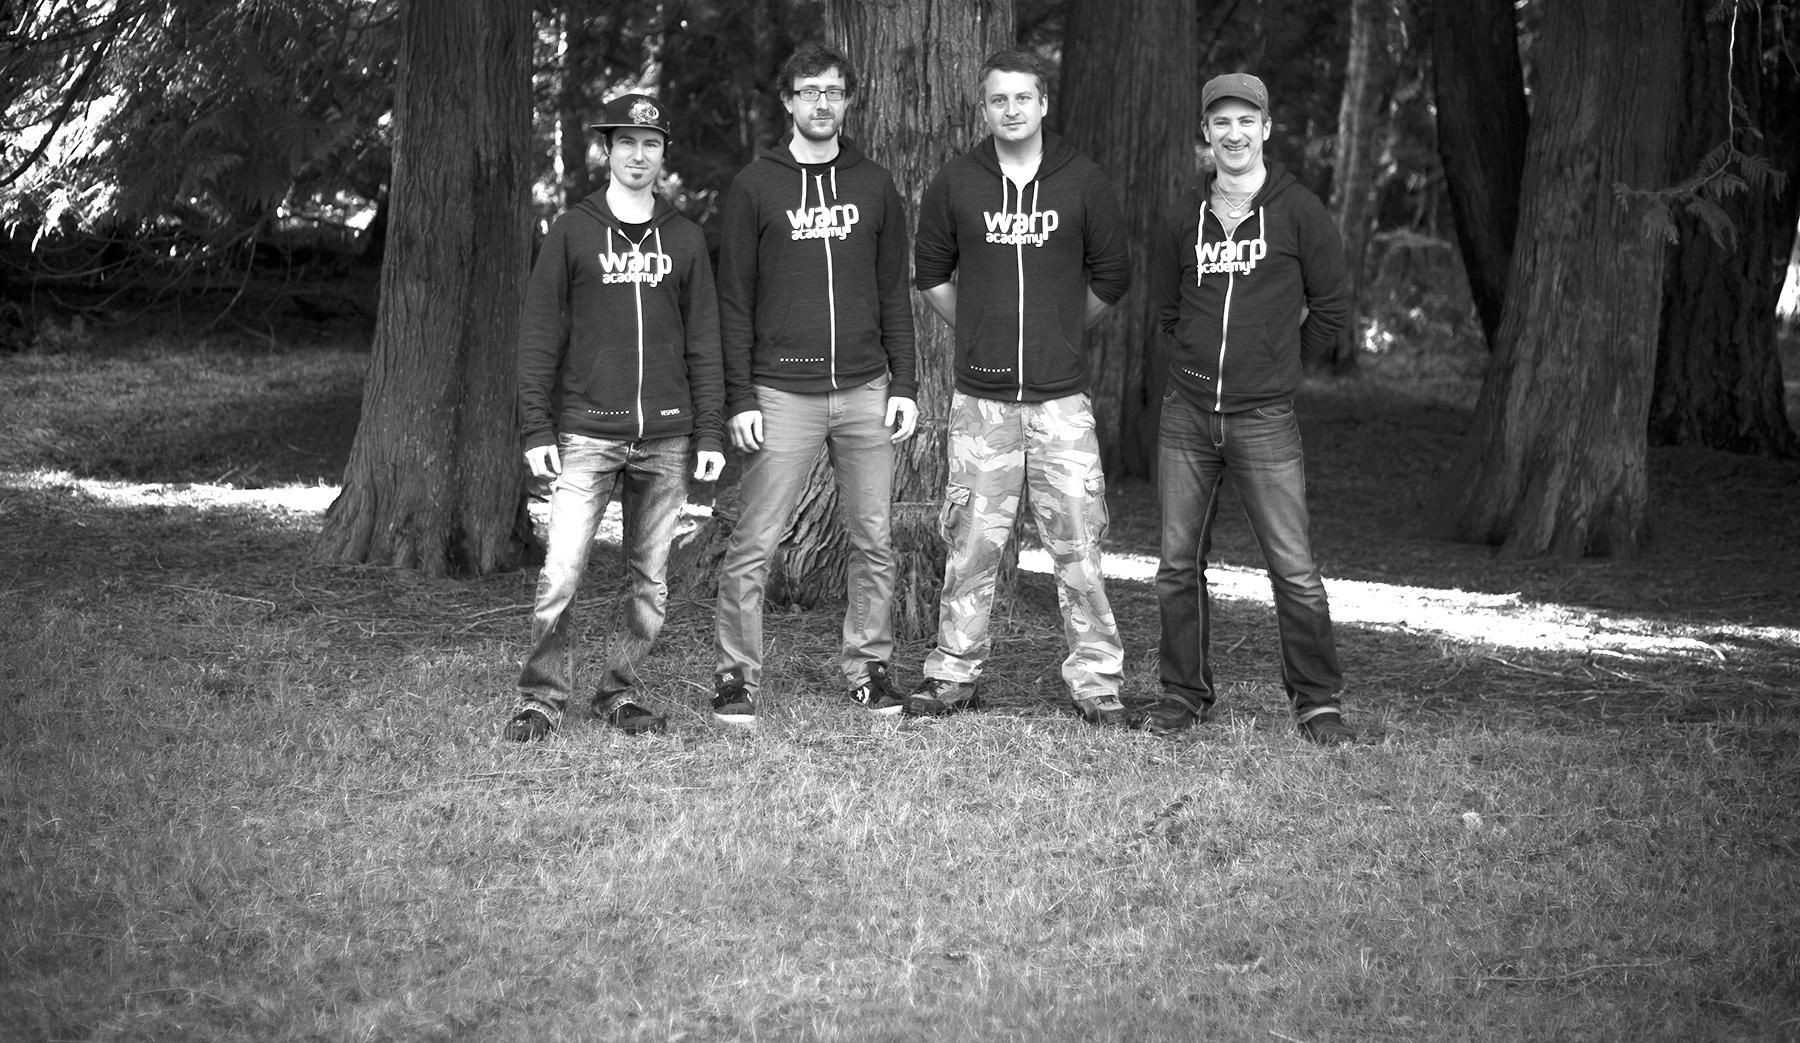 warp_team